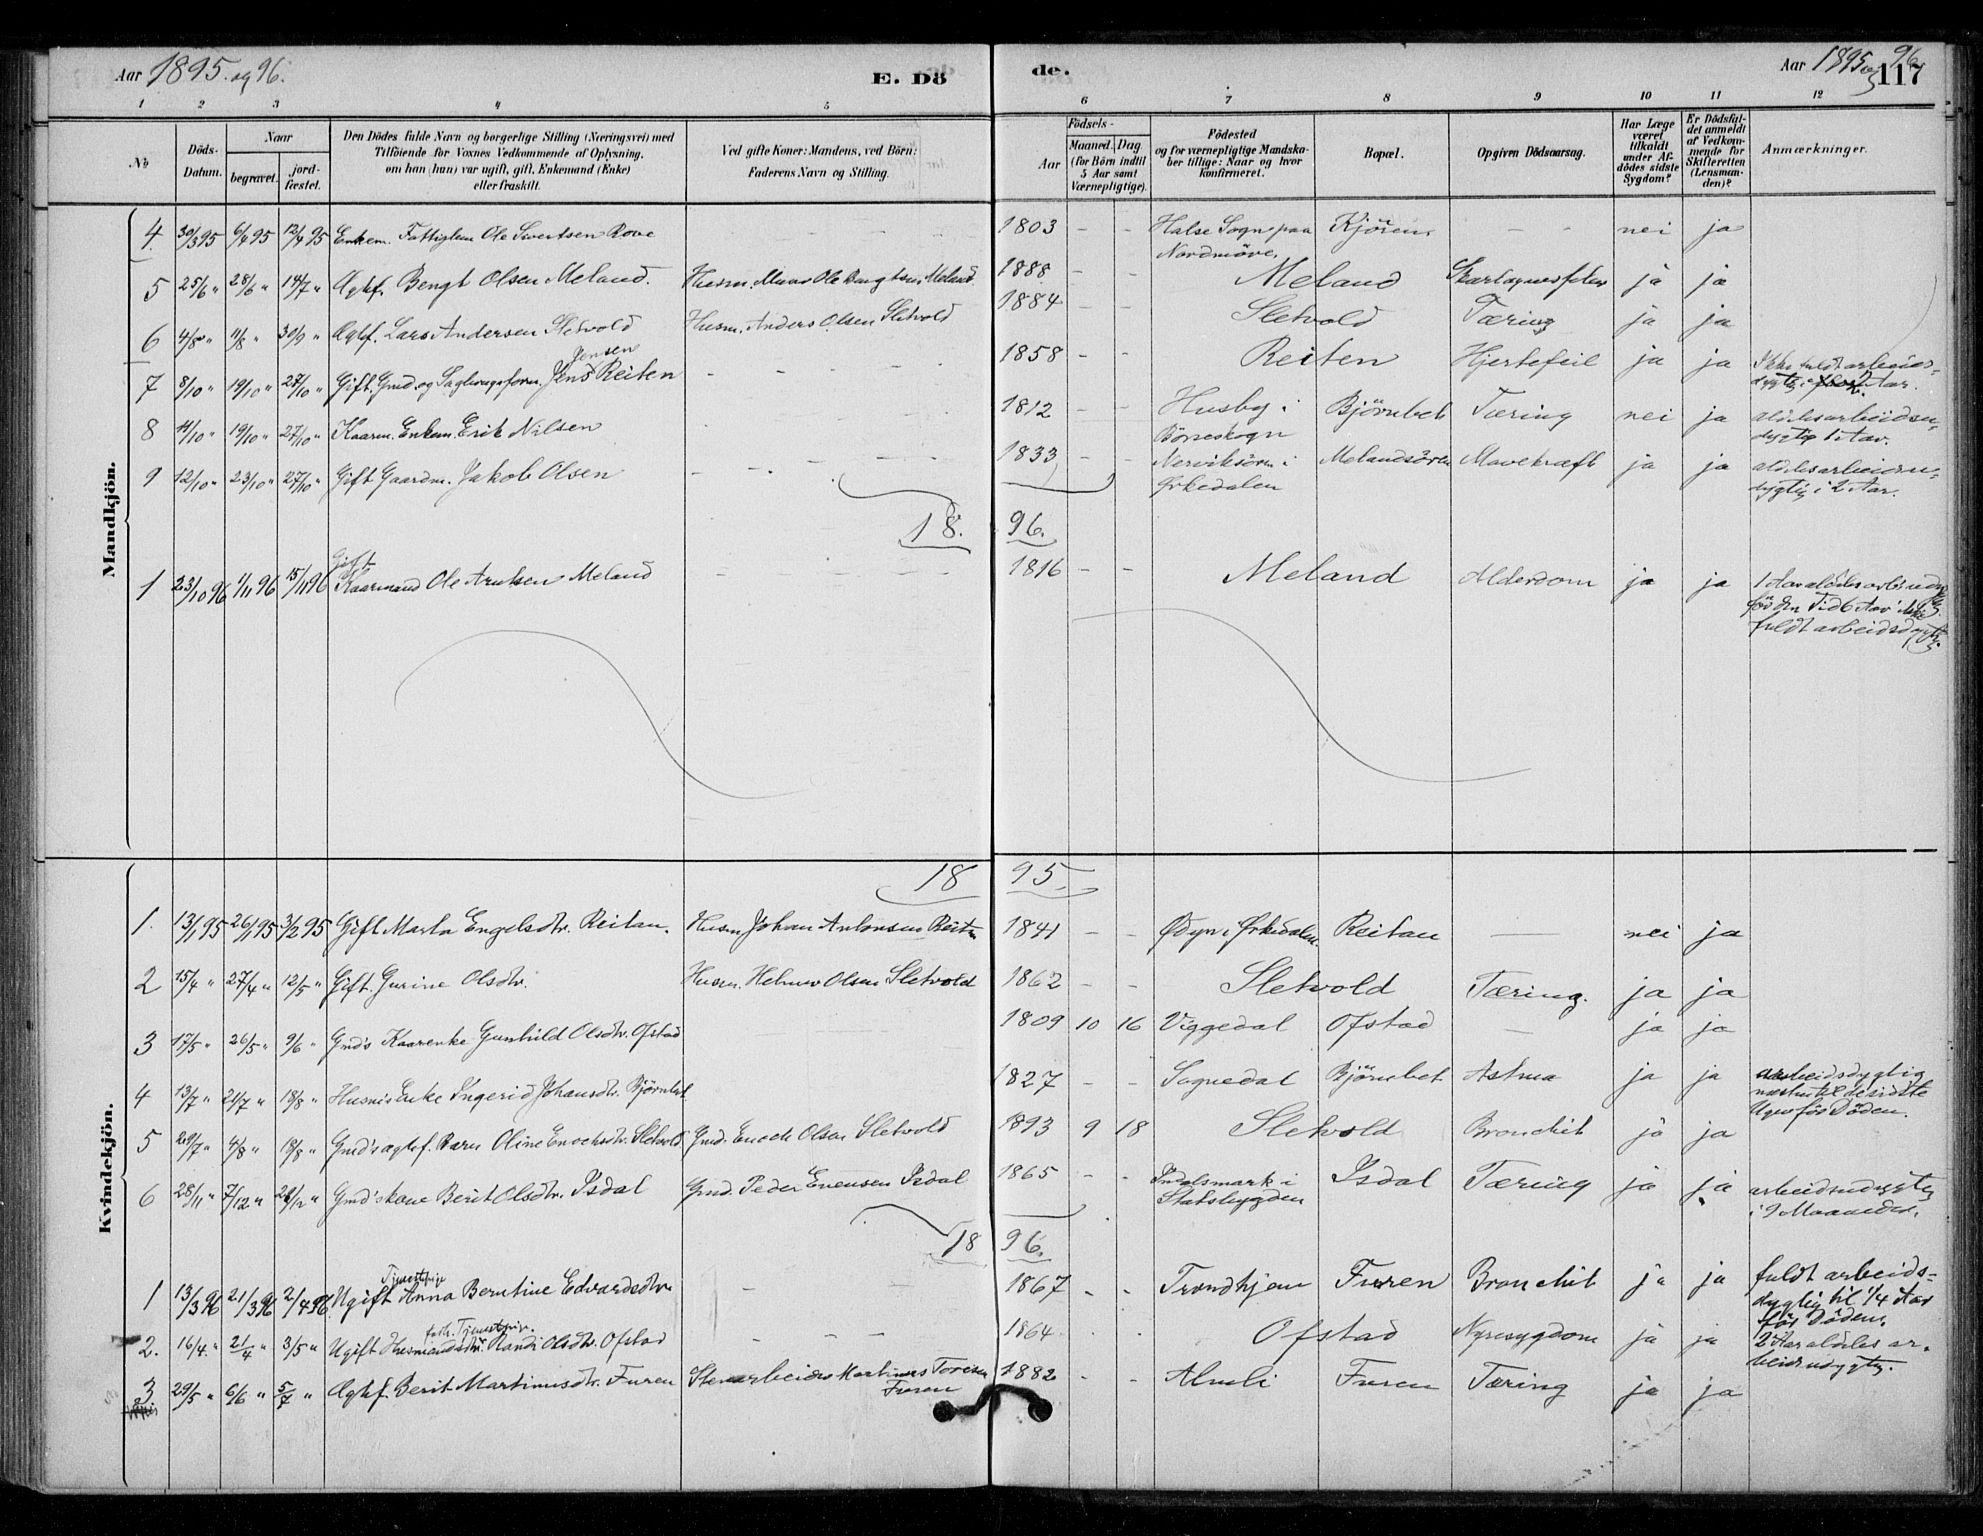 SAT, Ministerialprotokoller, klokkerbøker og fødselsregistre - Sør-Trøndelag, 670/L0836: Ministerialbok nr. 670A01, 1879-1904, s. 117